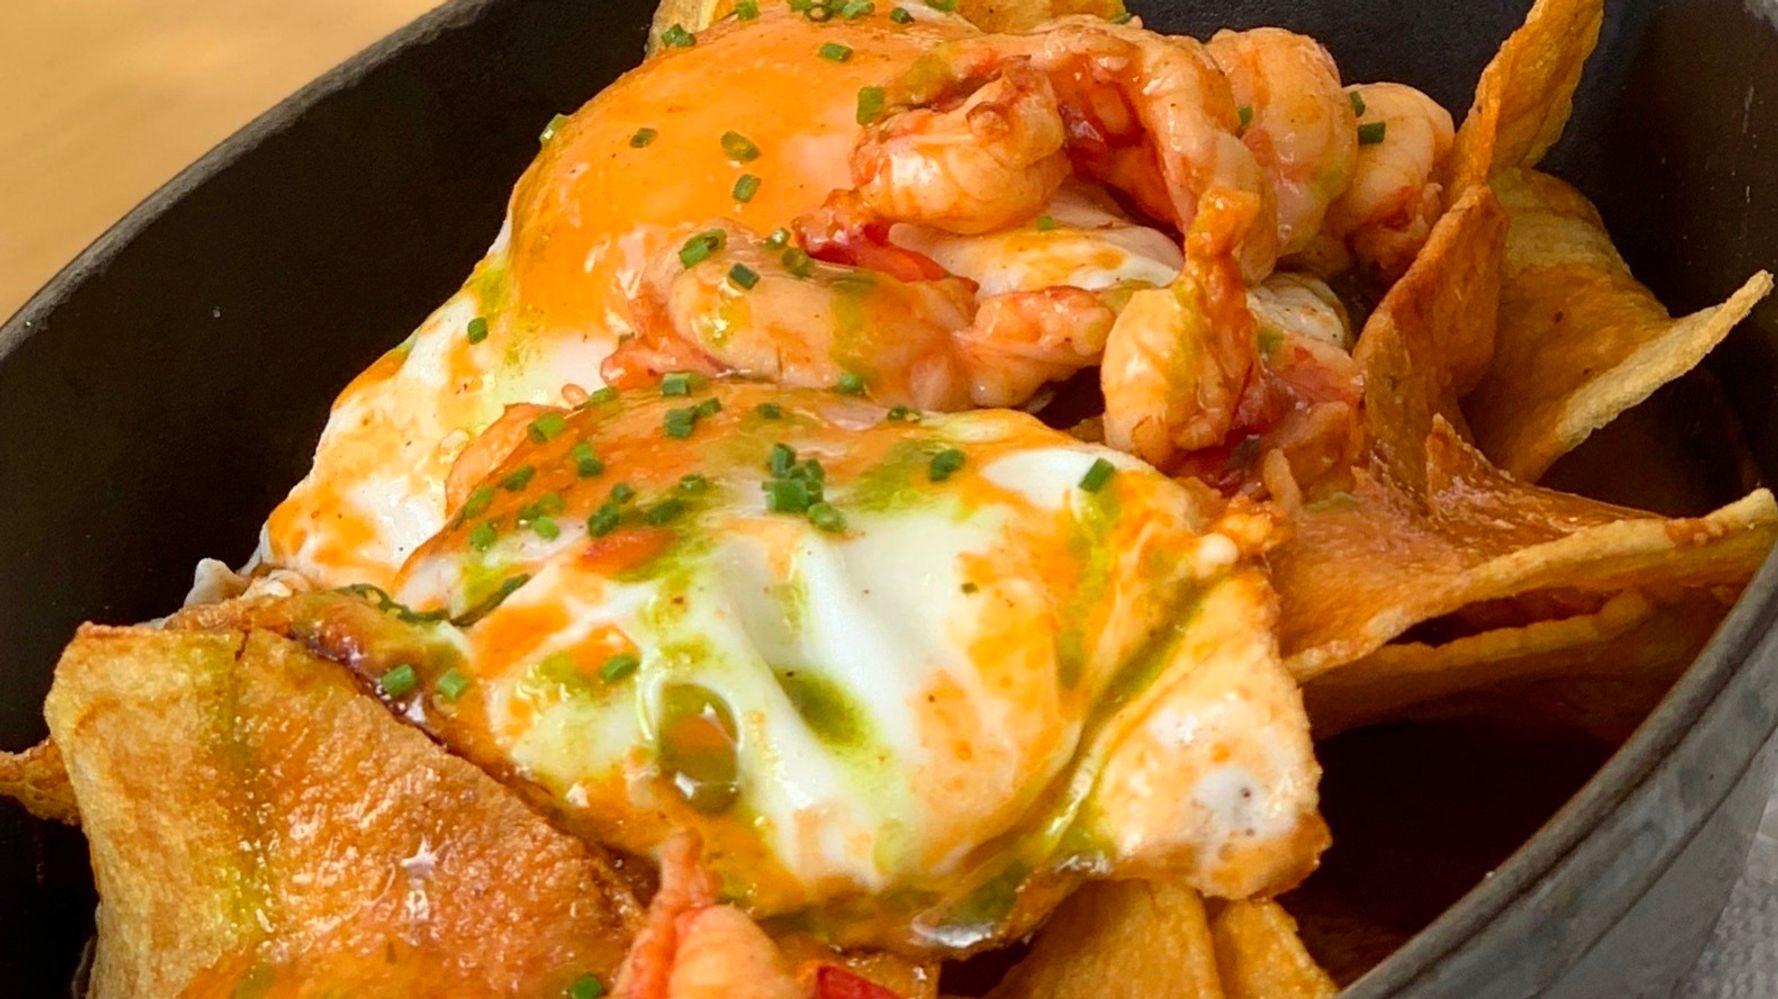 Huevos rotos con carabineros, patatas encebolladas, salsa de su propio jugo y piquillos